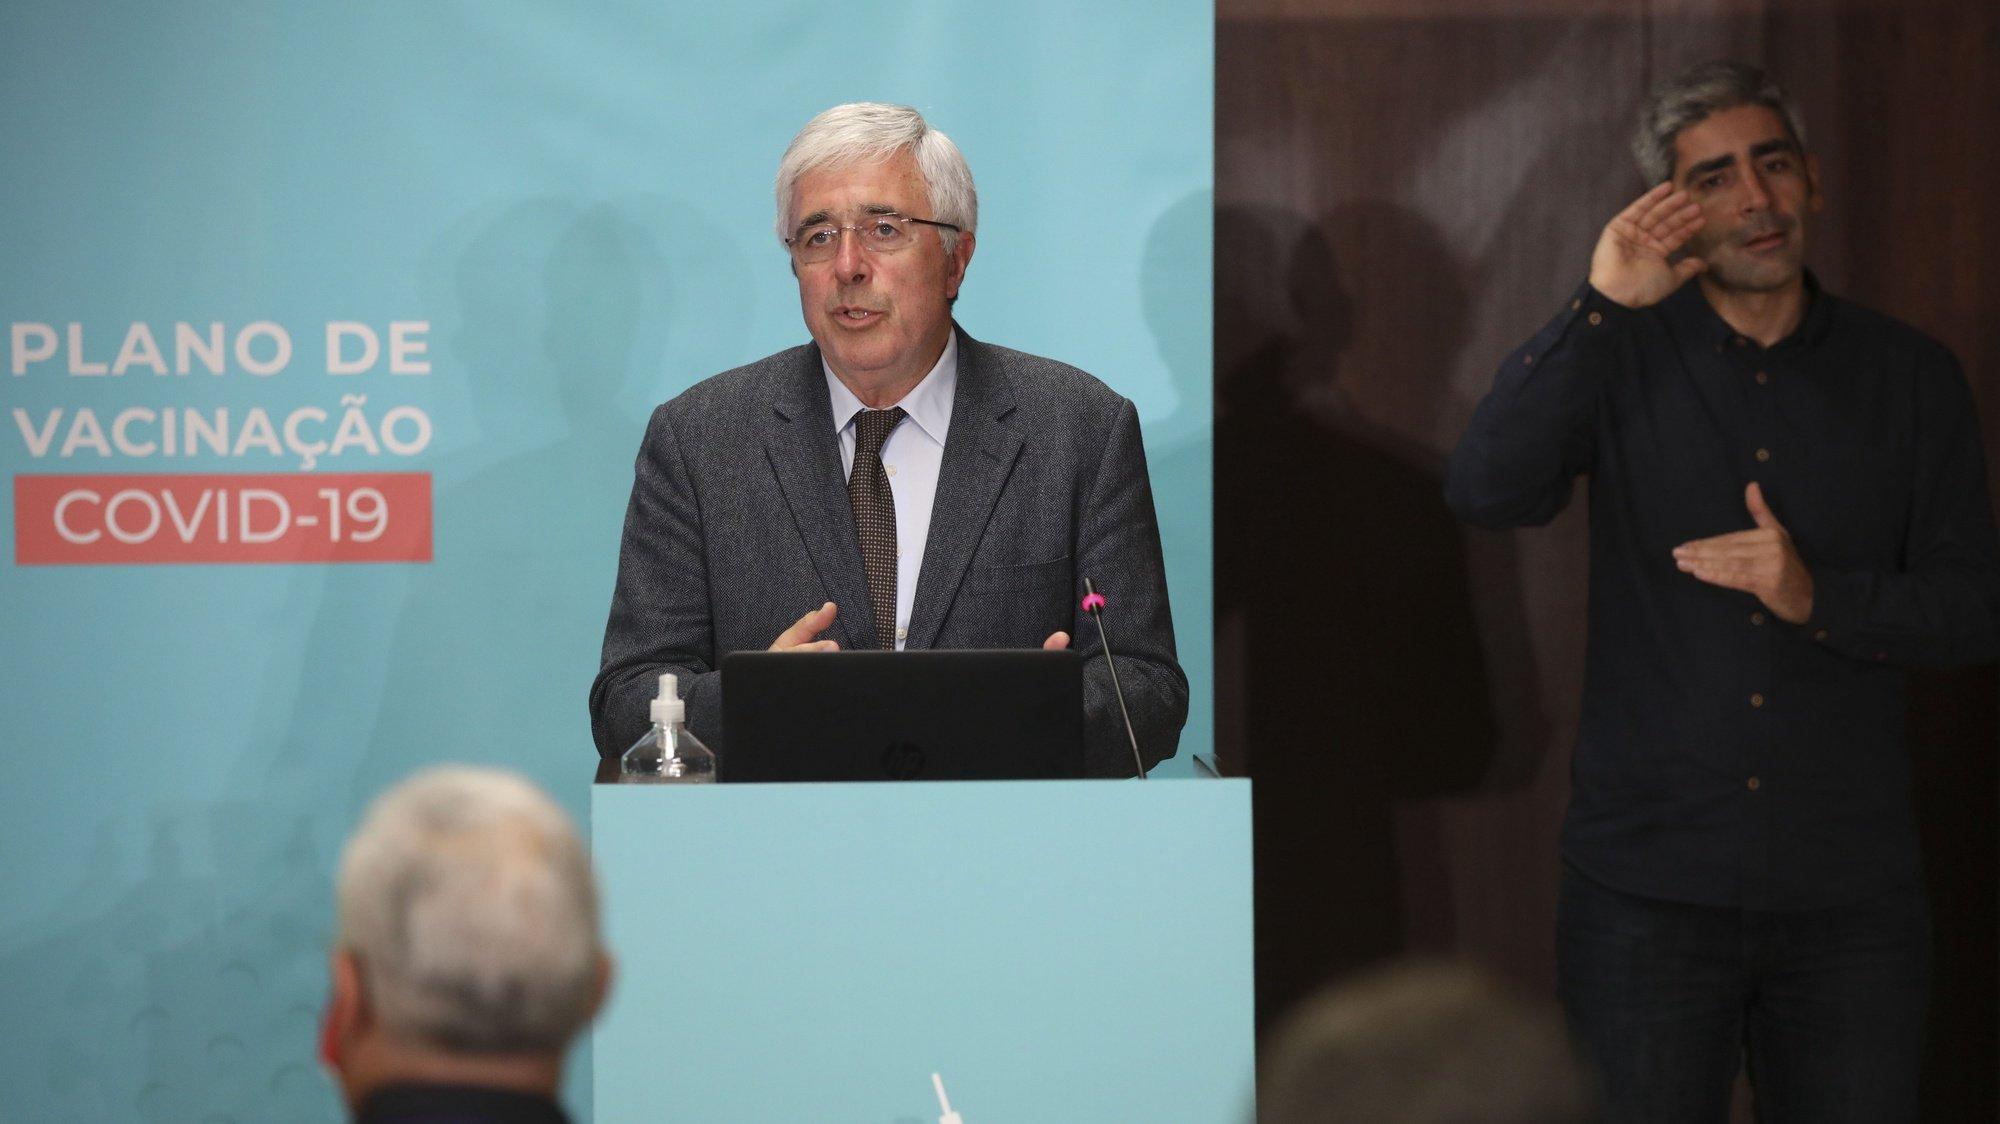 Francisco Ramos, usa da palavra durante a sessão pública de apresentação do Plano de Vacinação de Combate à covid-19, no Infarmed – Autoridade Nacional do Medicamento e Produtos de Saúde, em Lisboa, 03 dezembro de 2020. ANDRÉ KOSTERS/LUSA